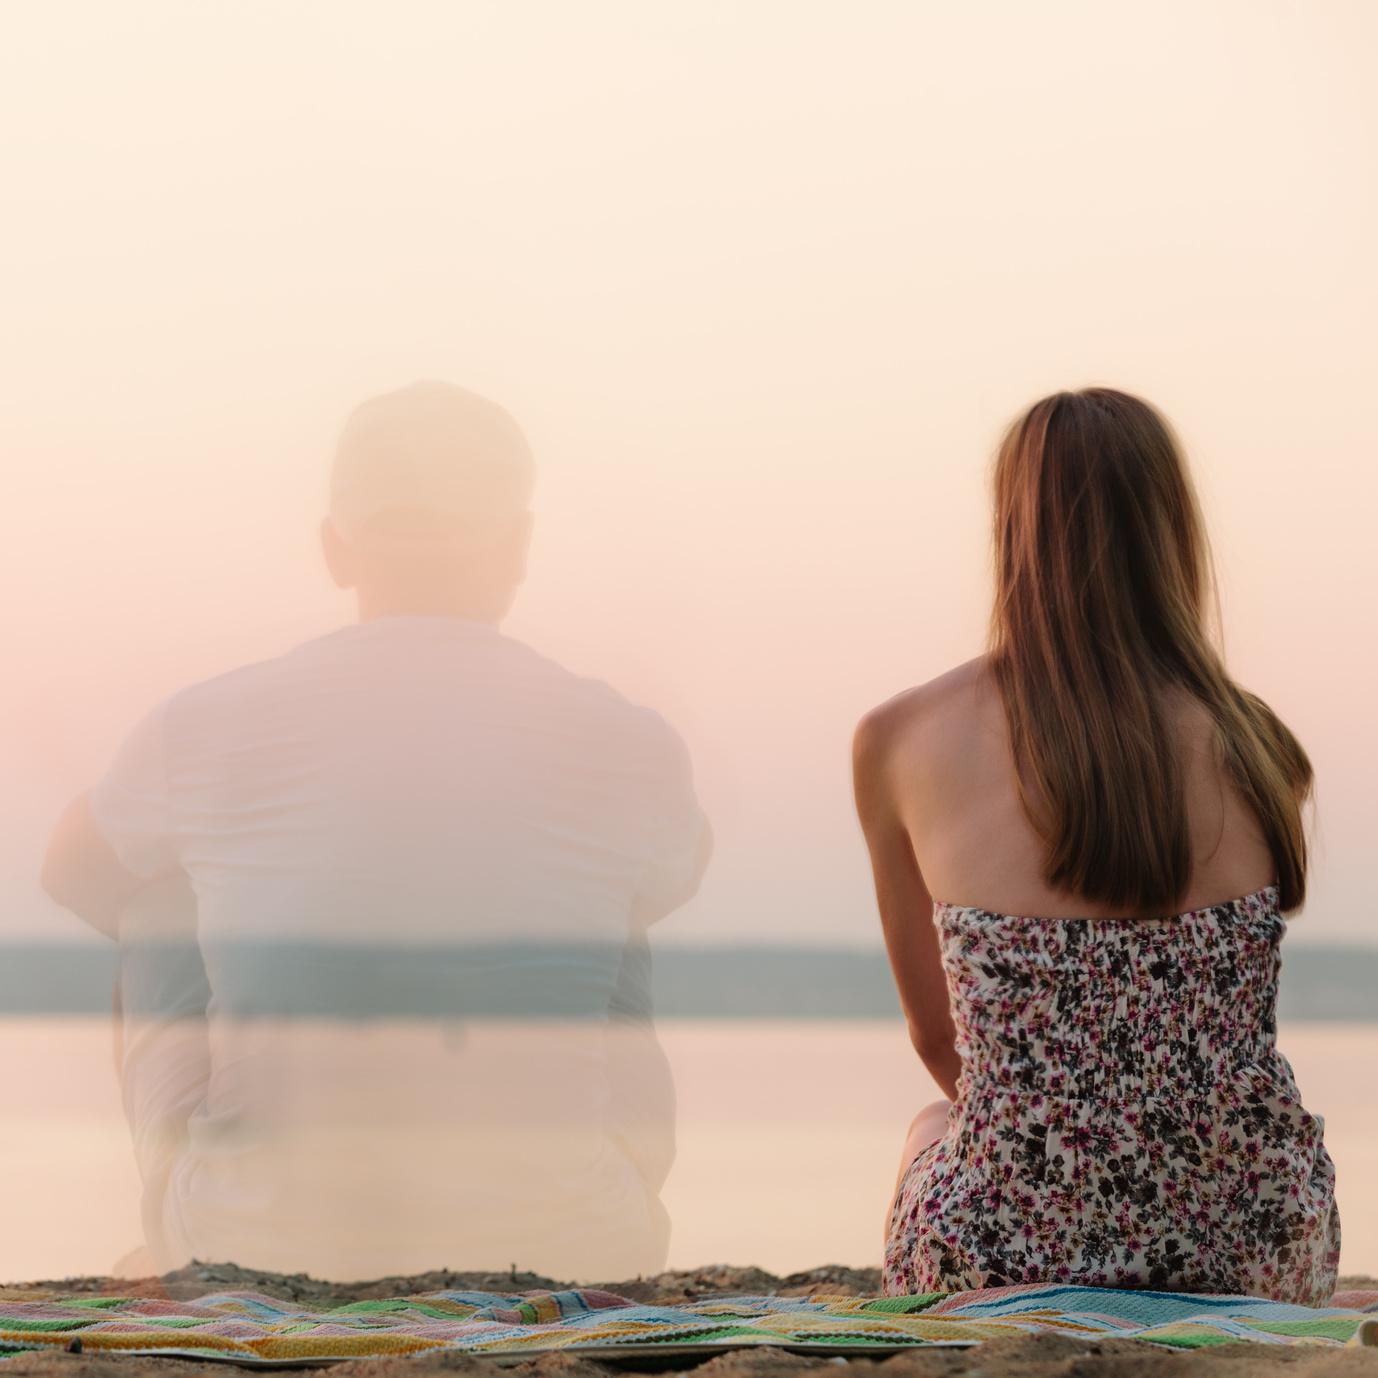 Verliebt In Einen Narzissten? Ist Eine Beziehung Mit Einem Narzissten Möglich?